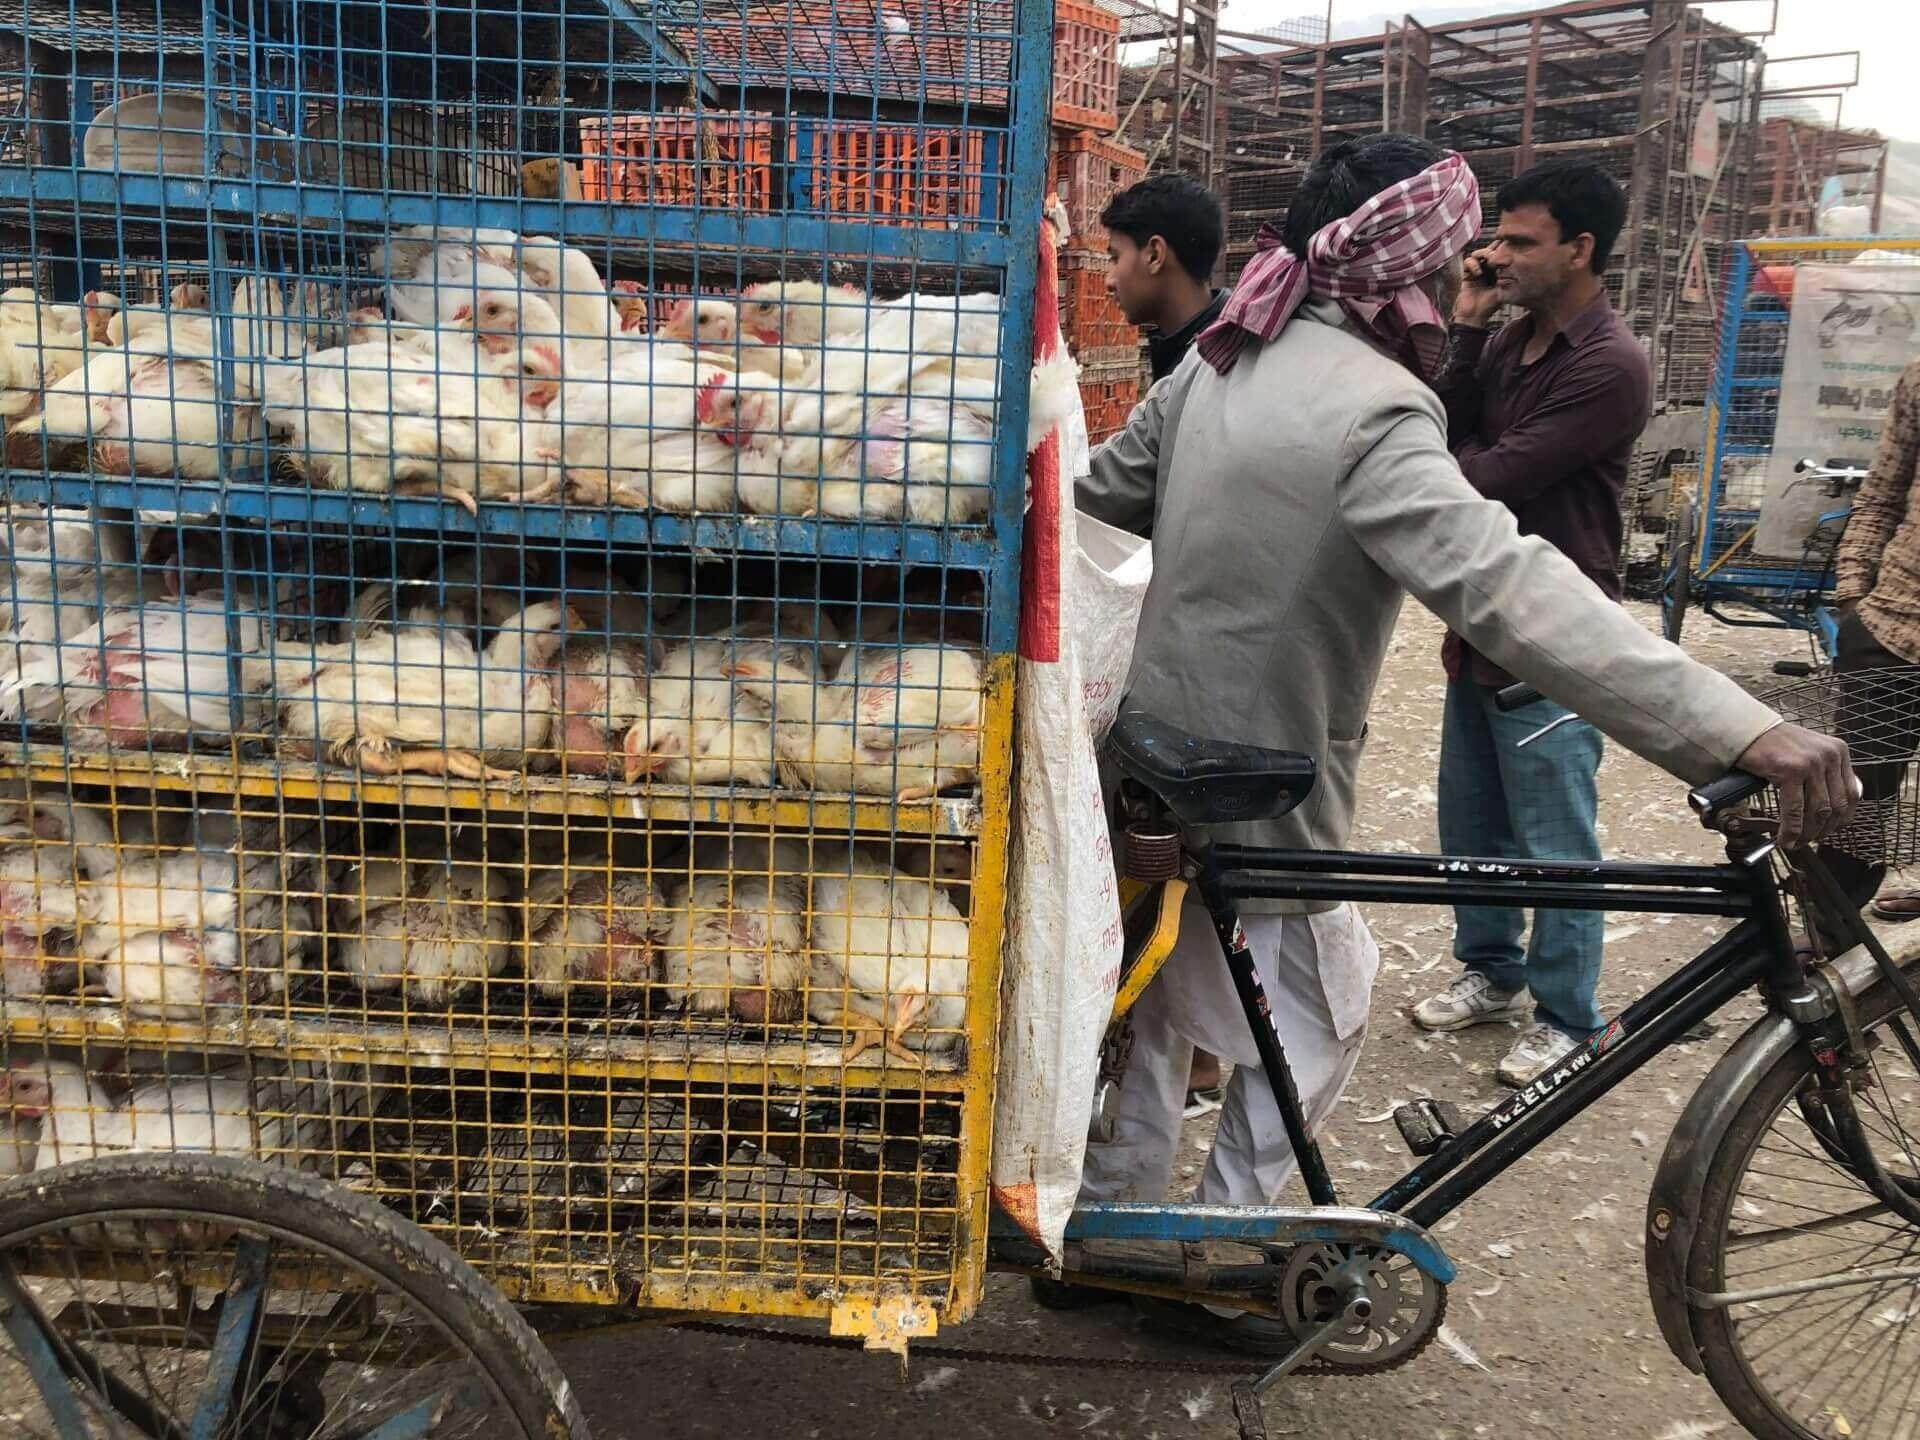 駐印度記者的封城日記:窺見新型冠狀病毒的防疫挑戰